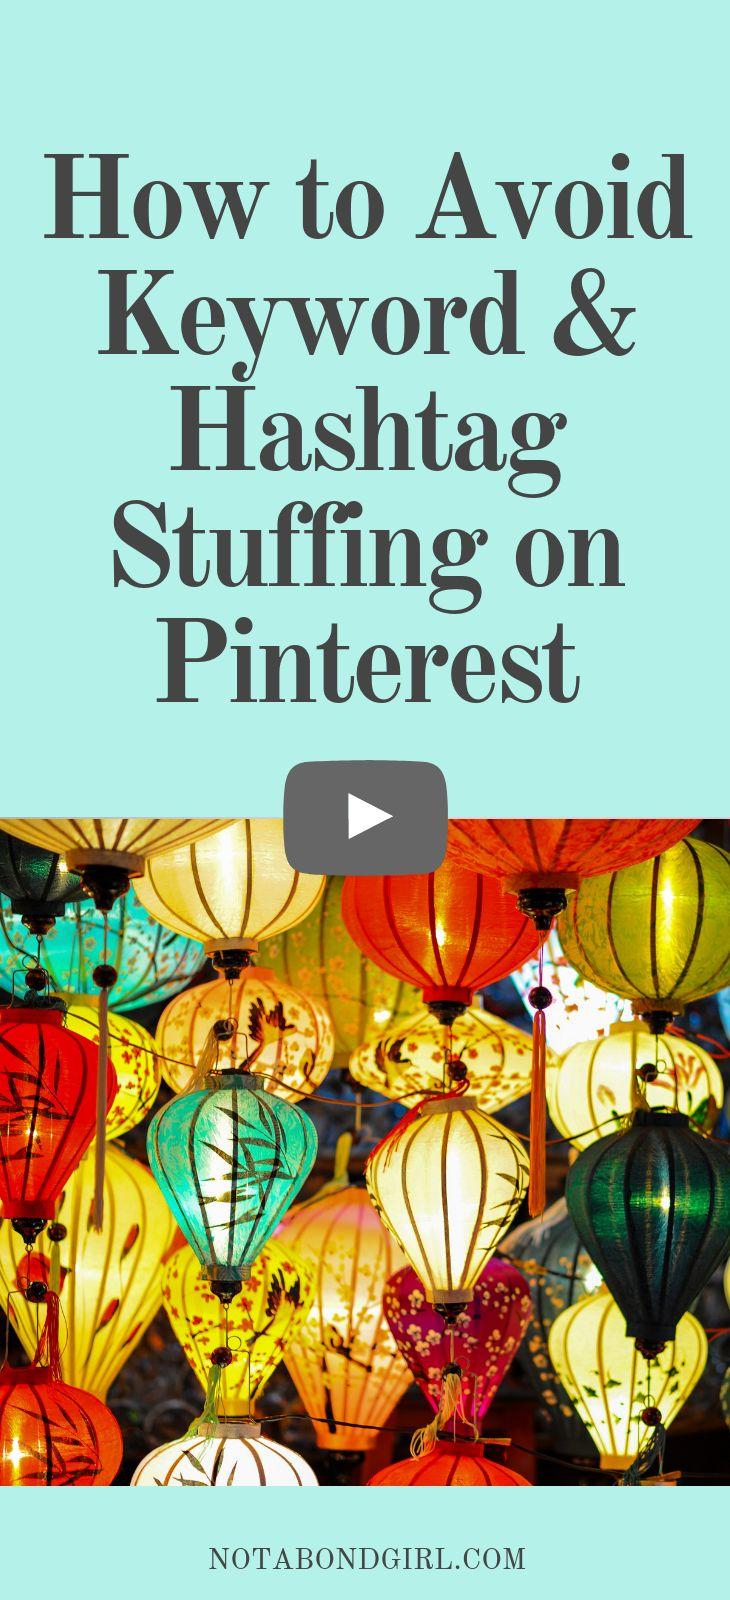 So vermeiden Sie Keyword & Hashtag Stuffing auf Pinterest